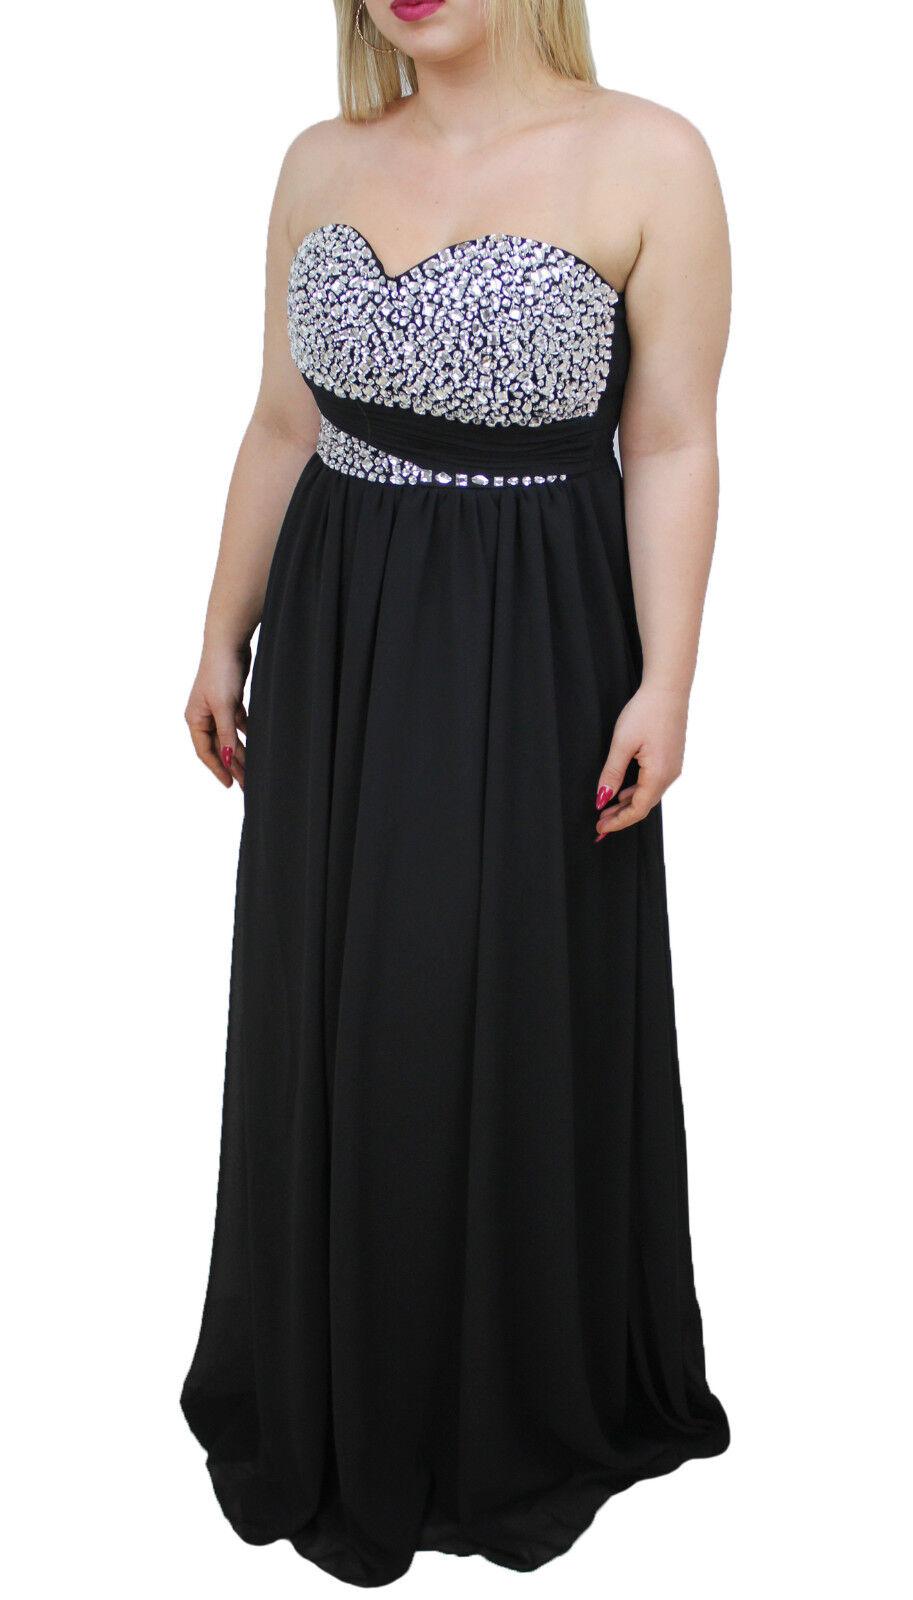 1204 - Abito donna nero lungo made in Italy elegante cerimonia strass  brillanti.   010b0d4ec29